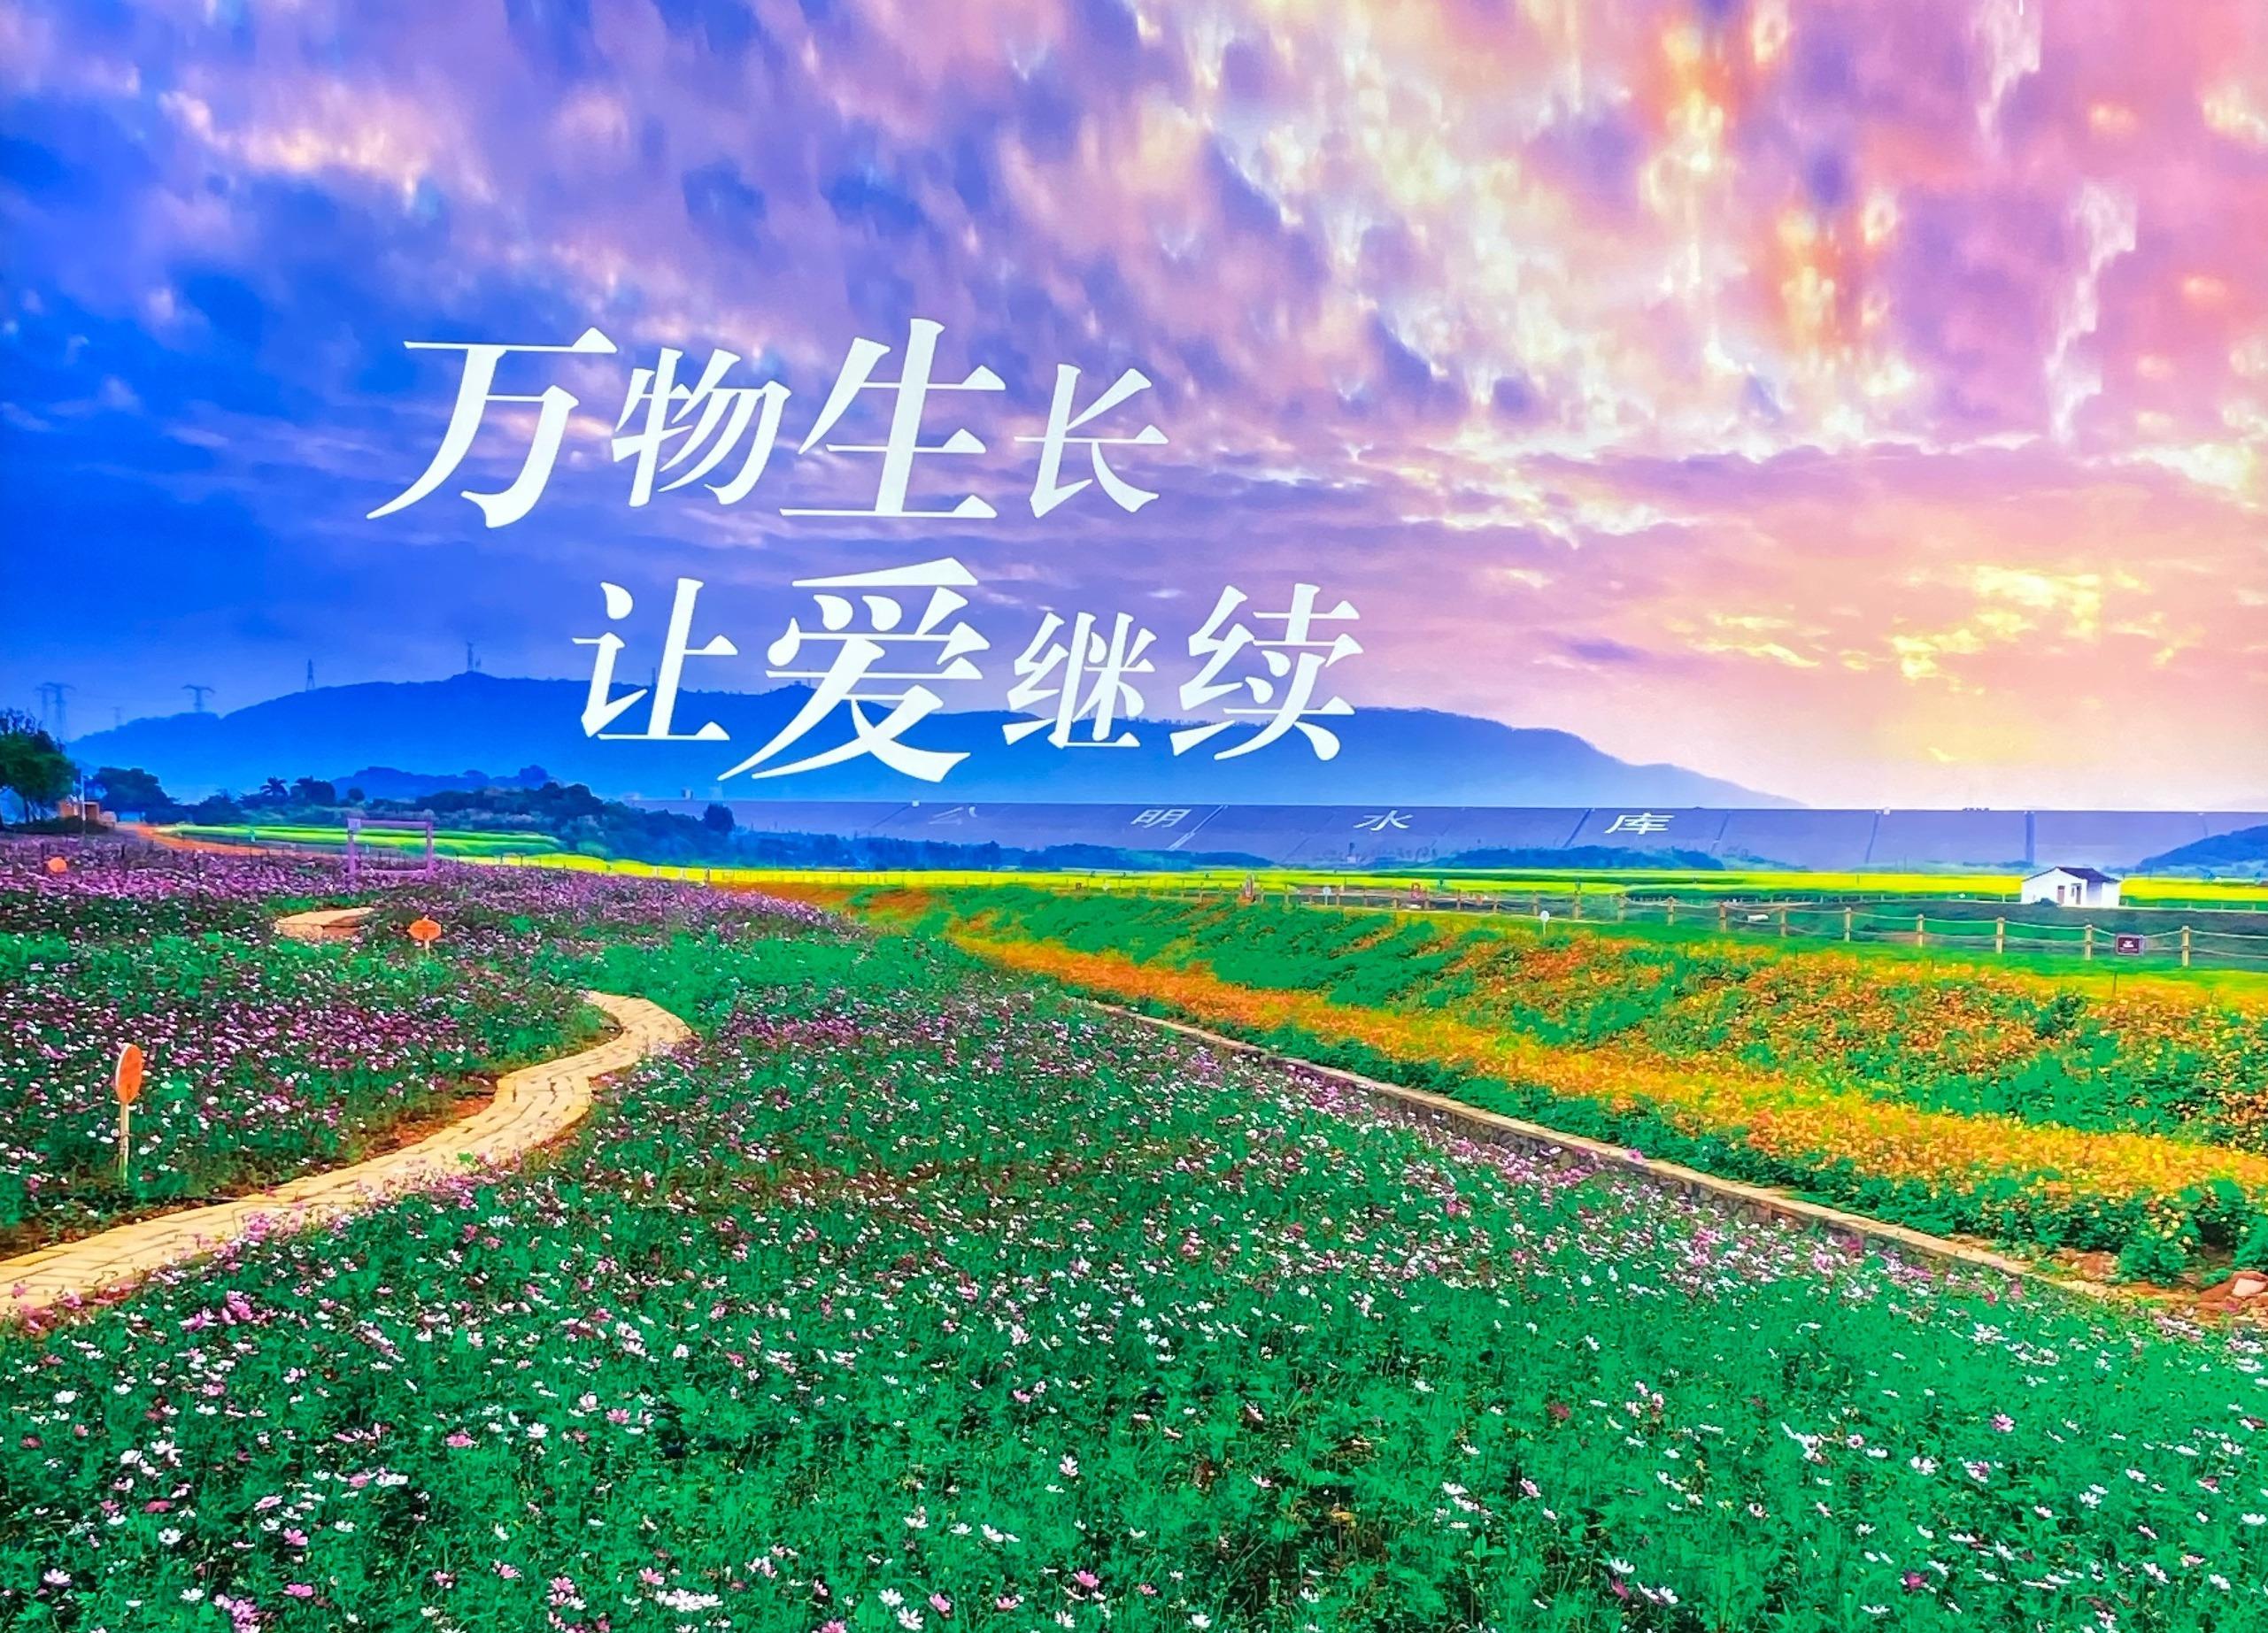 华侨城,深圳,华侨城欢乐莲泉,青岛新闻网